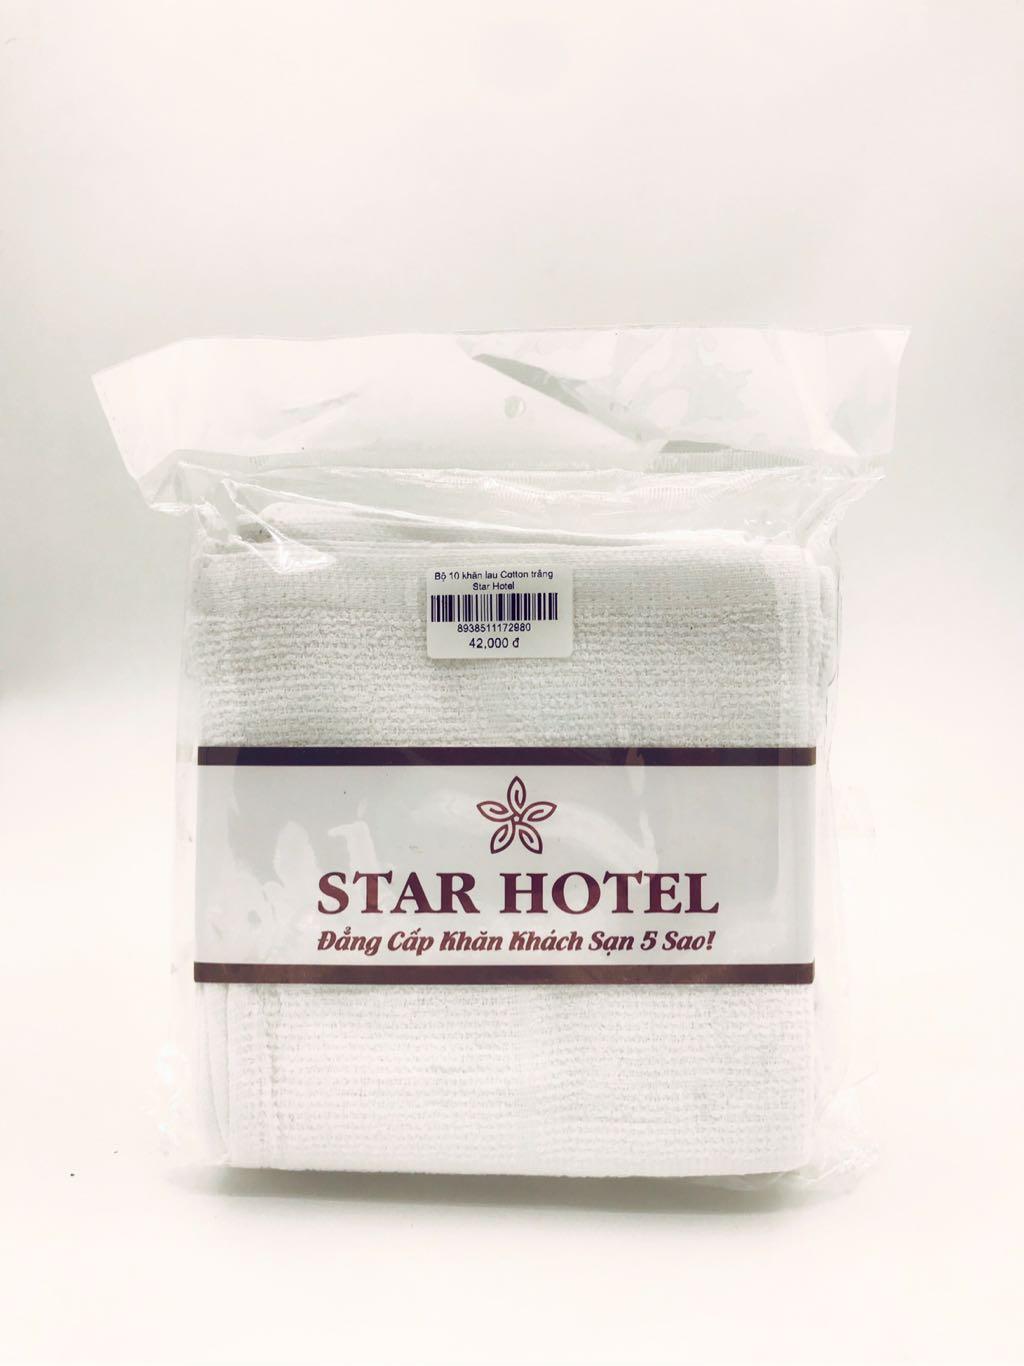 Bộ 10 khăn lau Cotton trắng Star Hotel